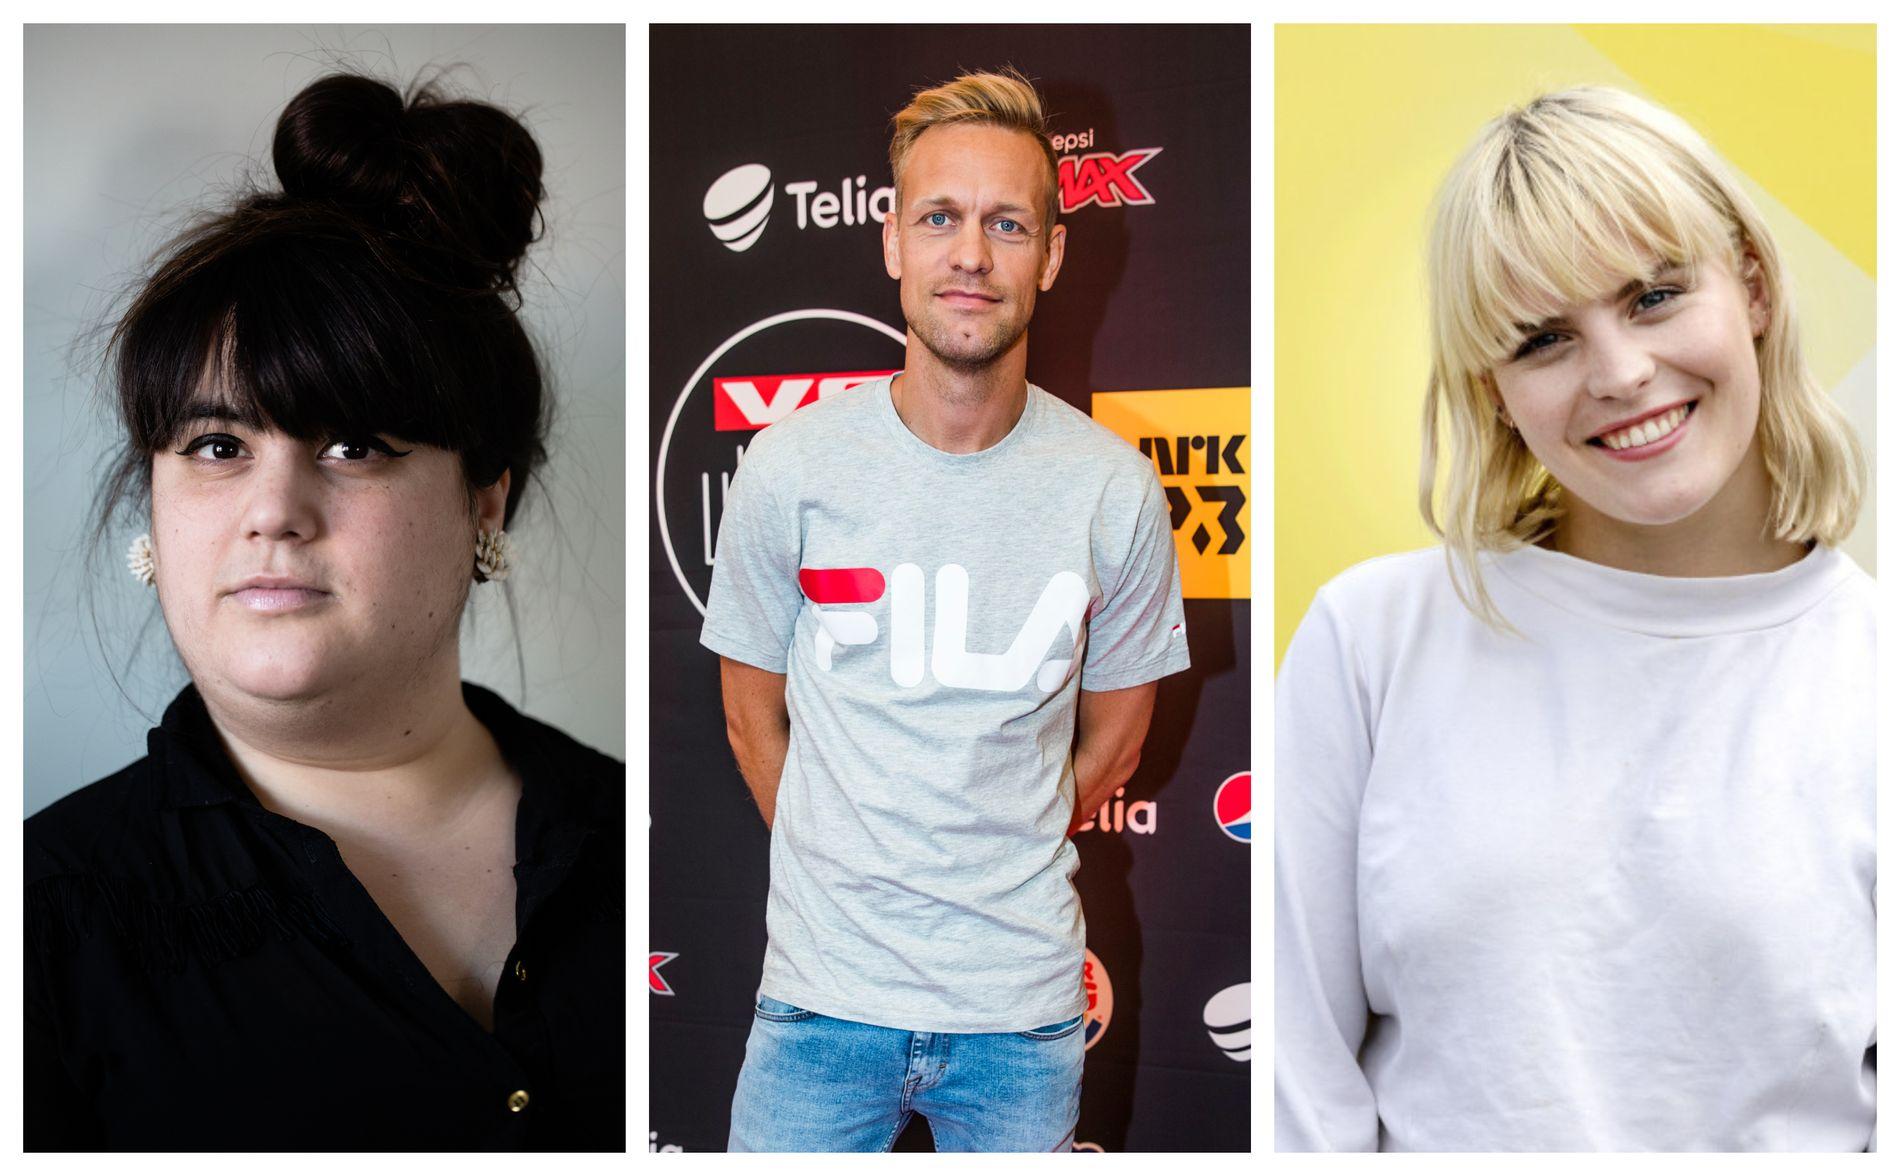 KRITISKE: – Mads Hansen hylles av norske medier som den viktigste stemmen i dagens kroppsdebatt, til tross for at han åpner for personhets i sosiale medier, skriver Ulrikke Falch og Carina Carlsen i dag.